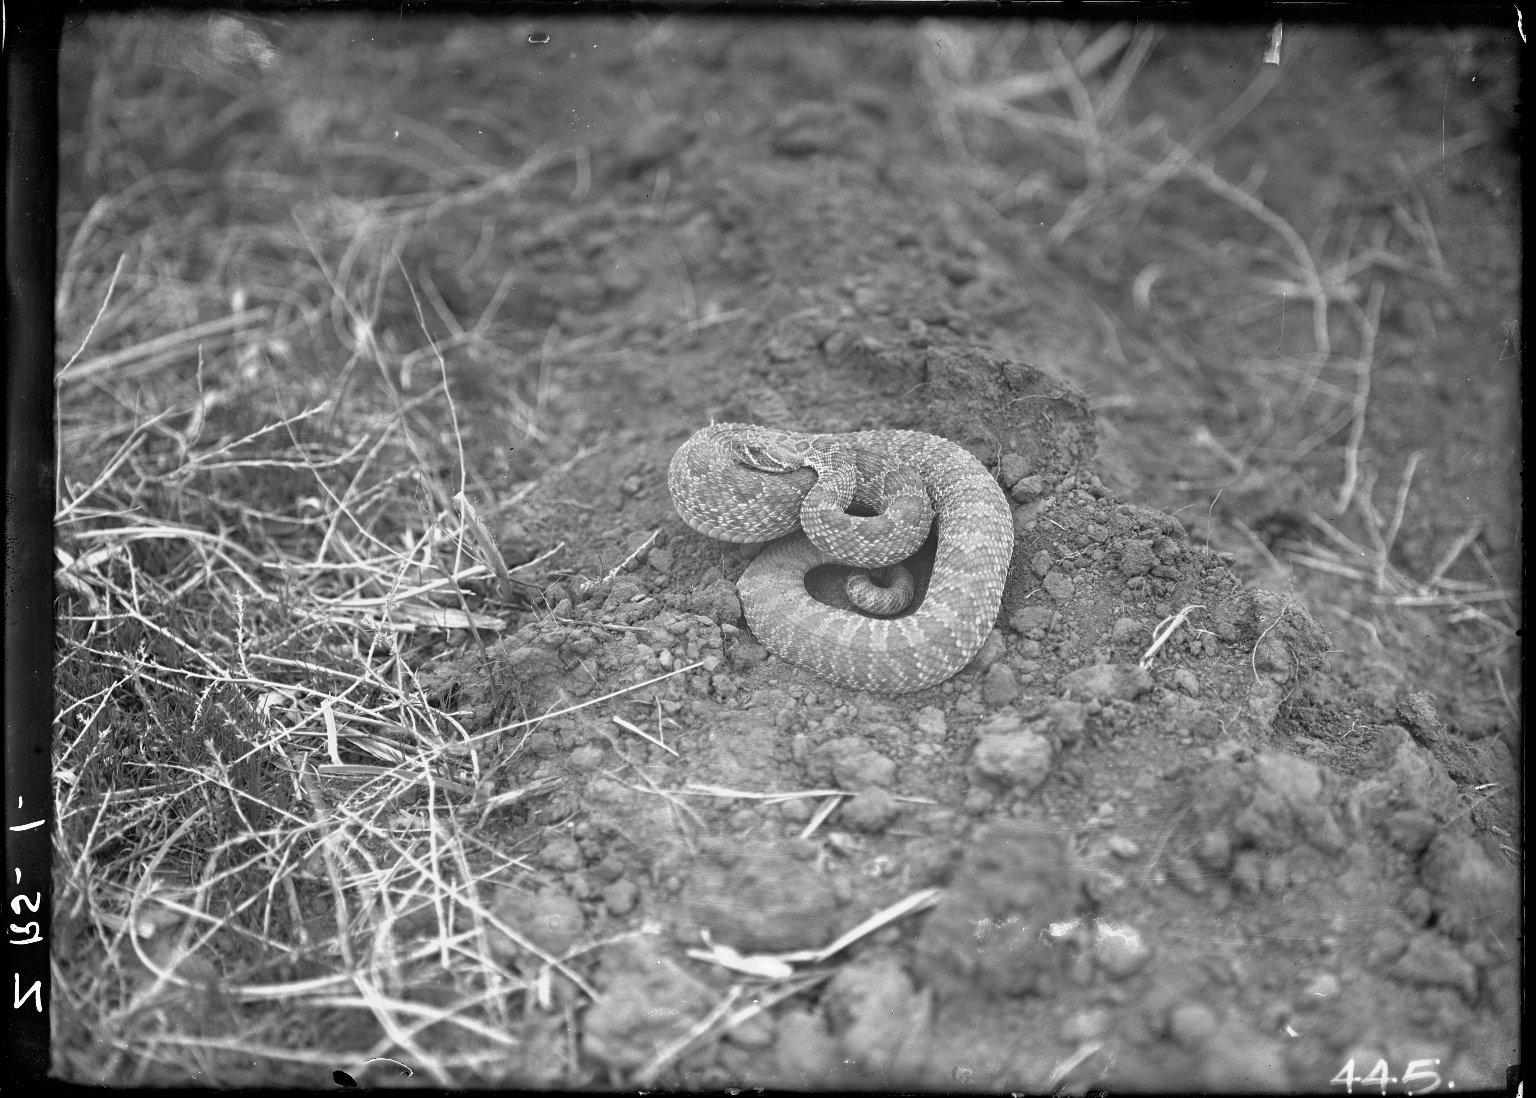 Rattlesnake near Dry Willow Creek